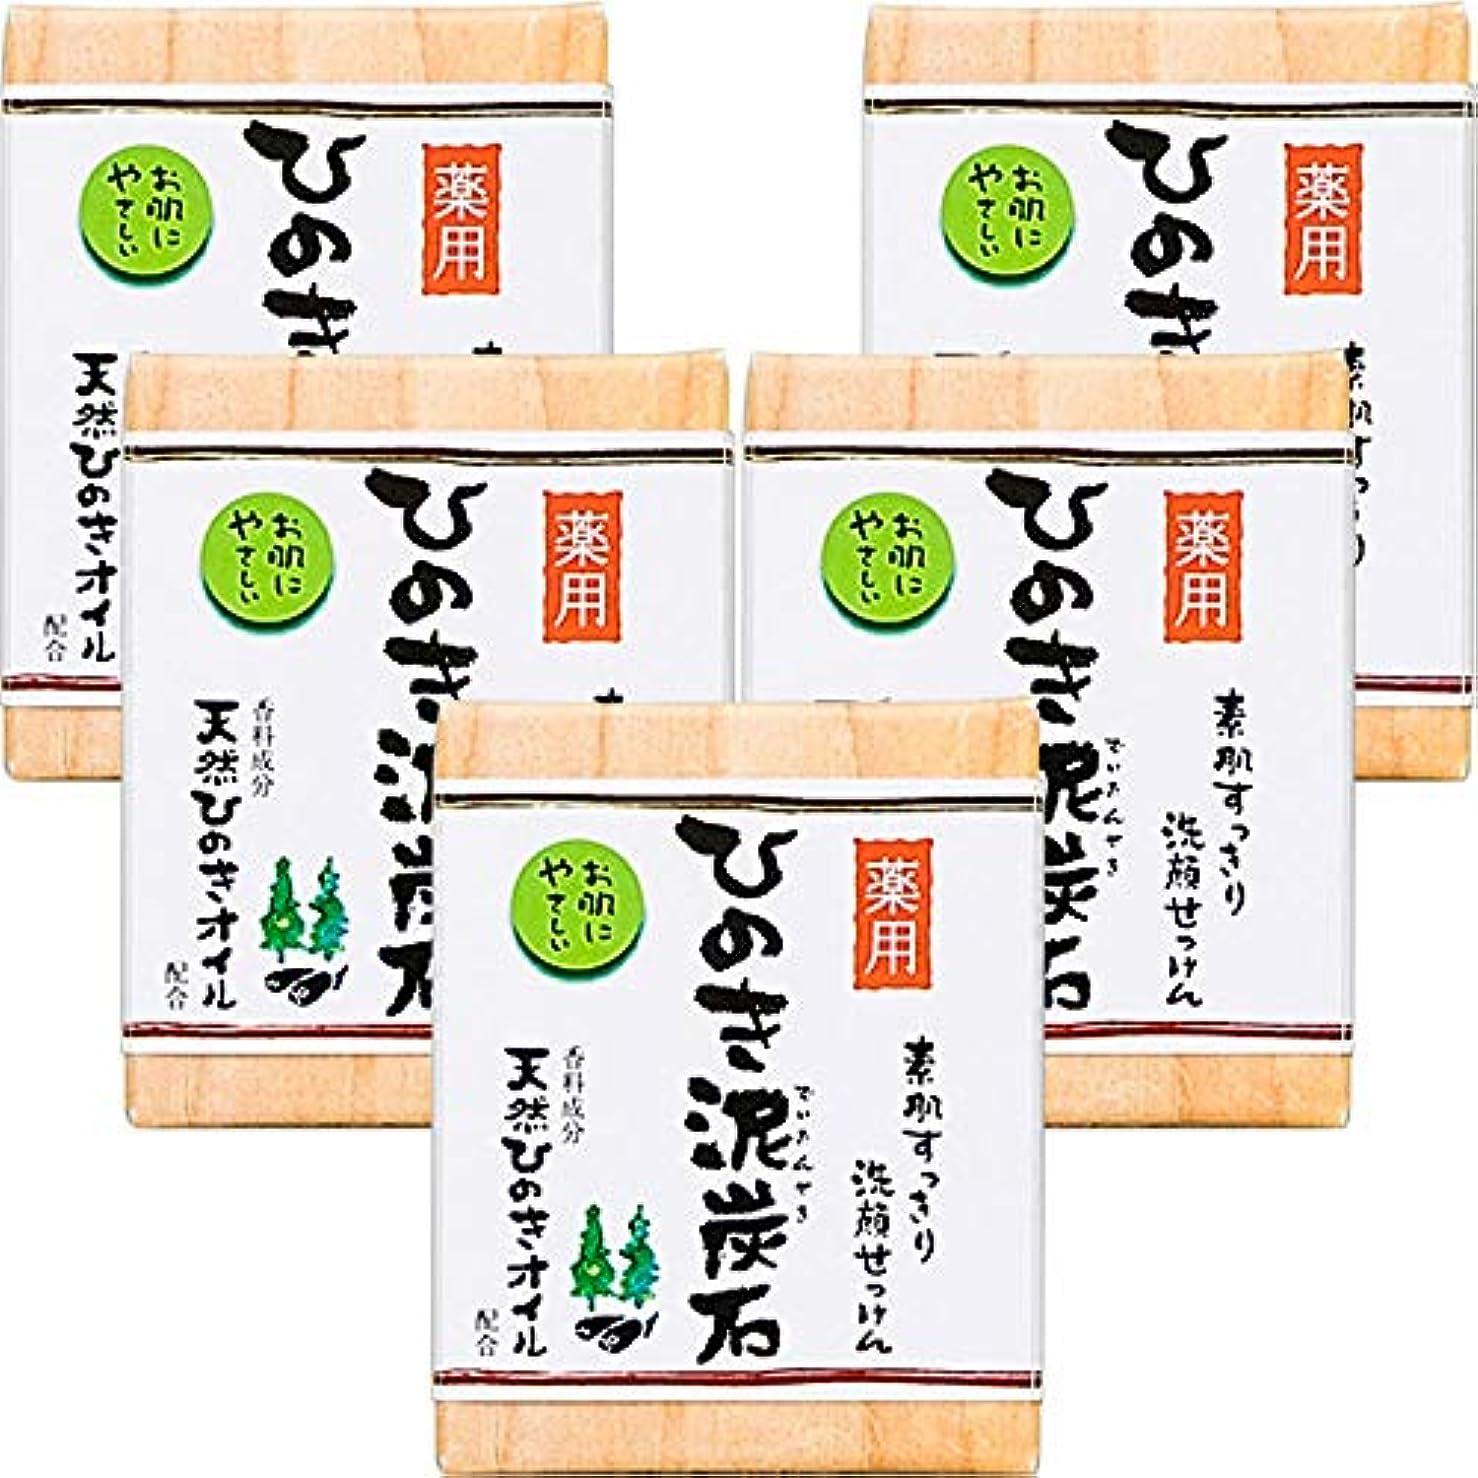 安全でない概要レタッチ薬用 ひのき泥炭石 (75g×5個) 洗顔 石けん [天然ひのきオイル配合] 肌荒れ防止